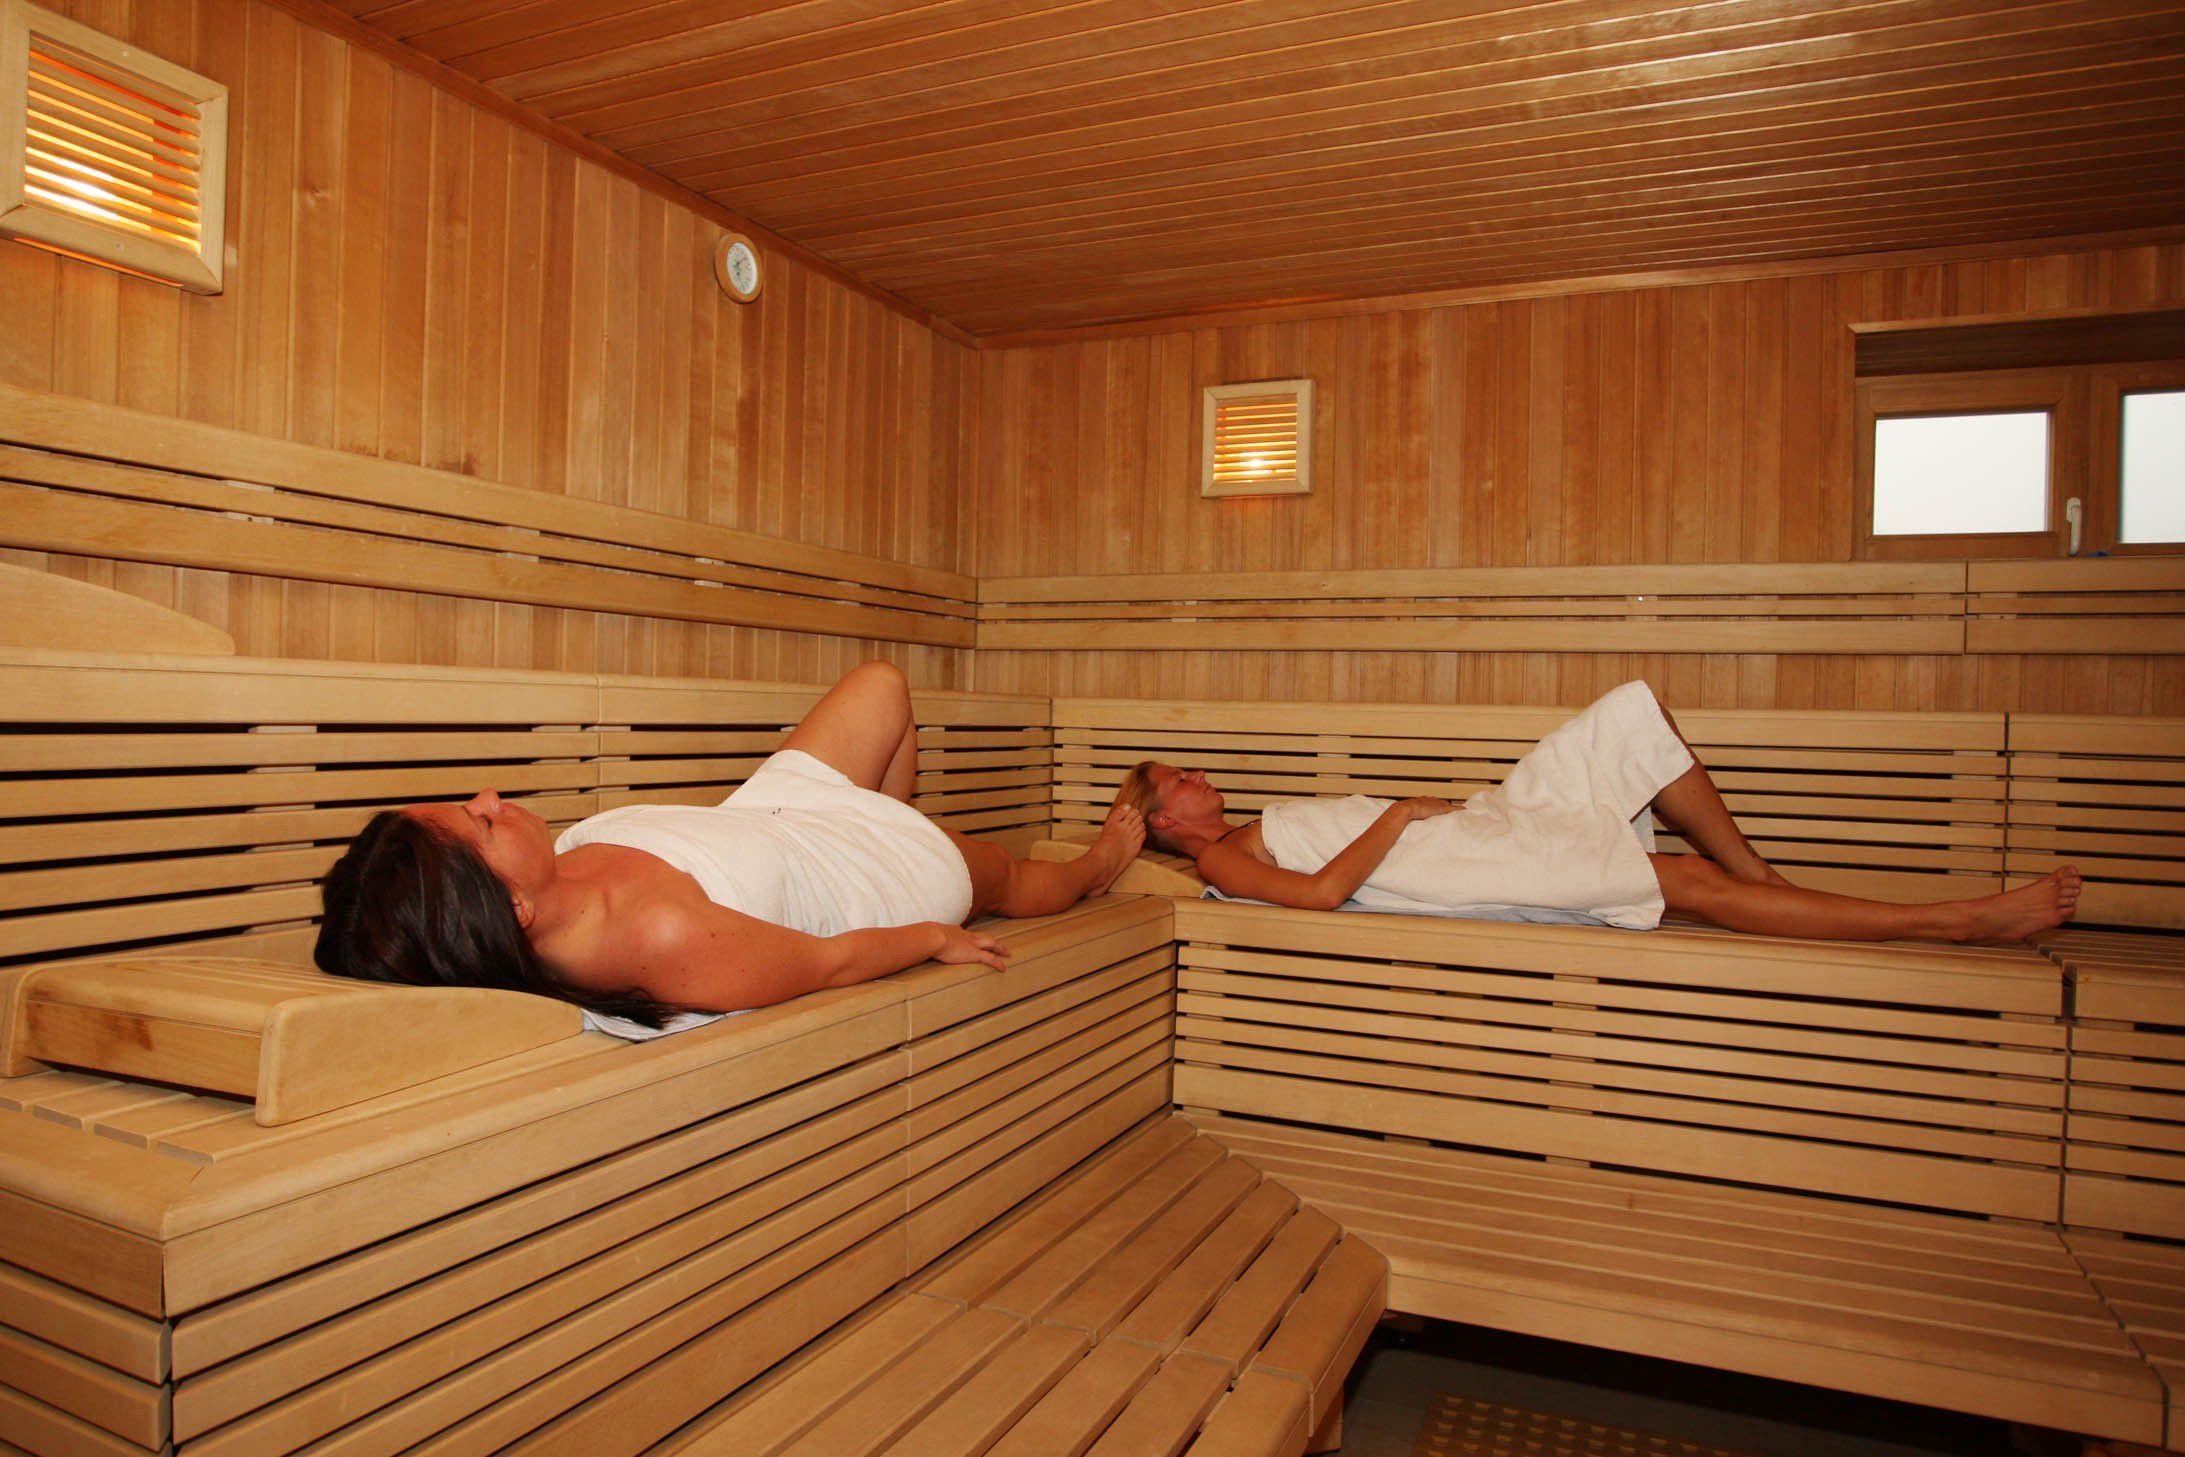 Баня є місцем для відпочинку душі і тіла. З огляду на те, що вона повинна витримувати високі температури, необхідно утеплювати стіни зсередини.